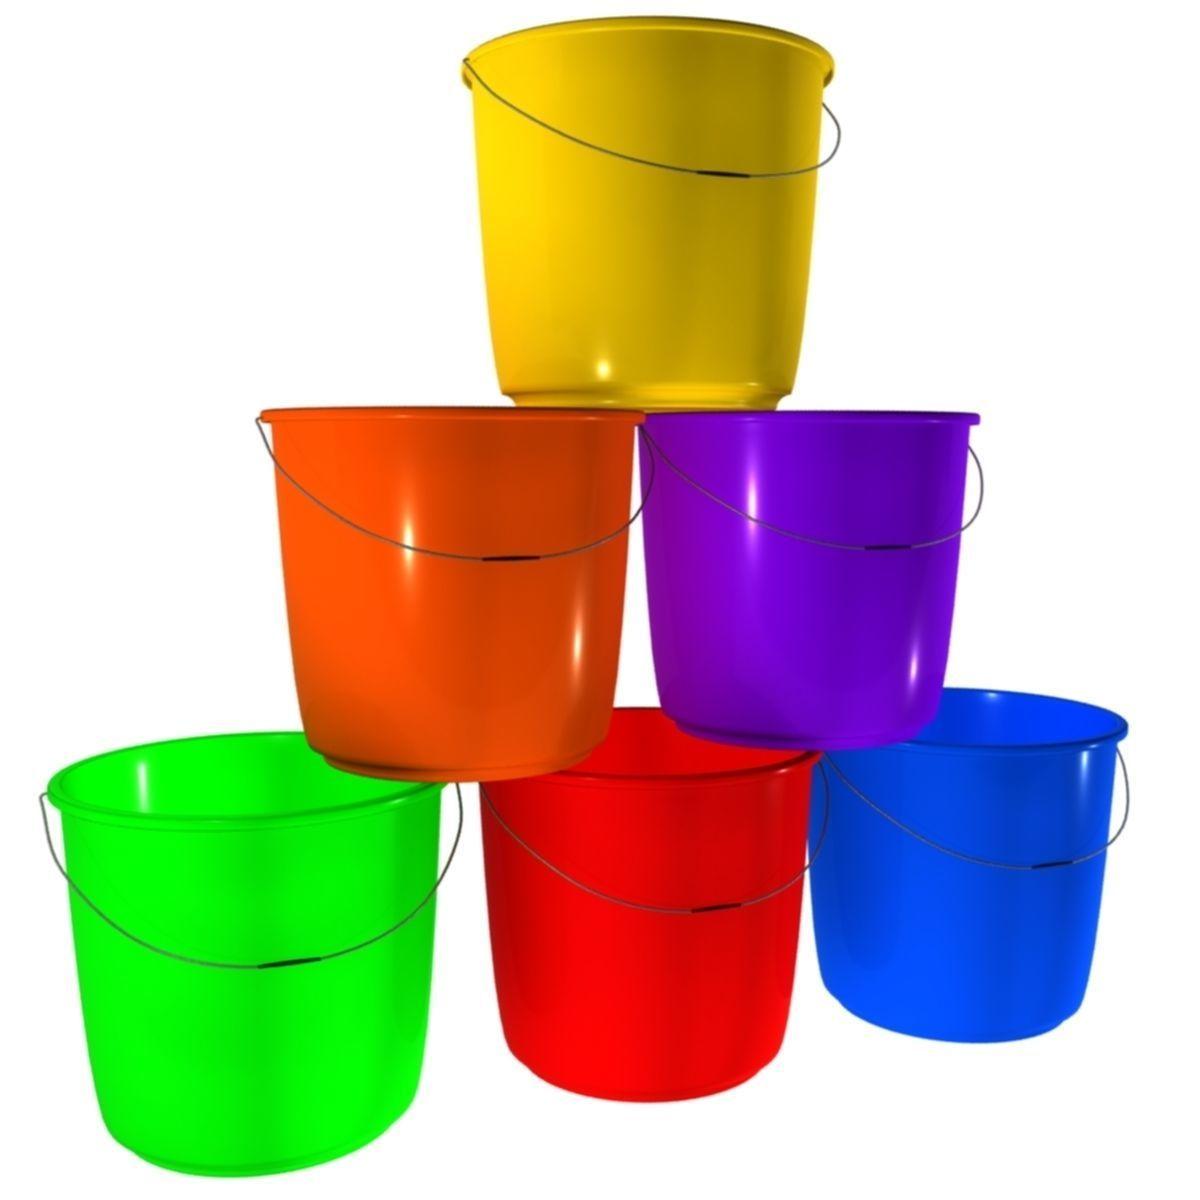 4 Hacks For Using Plastic Buckets In Your Garden